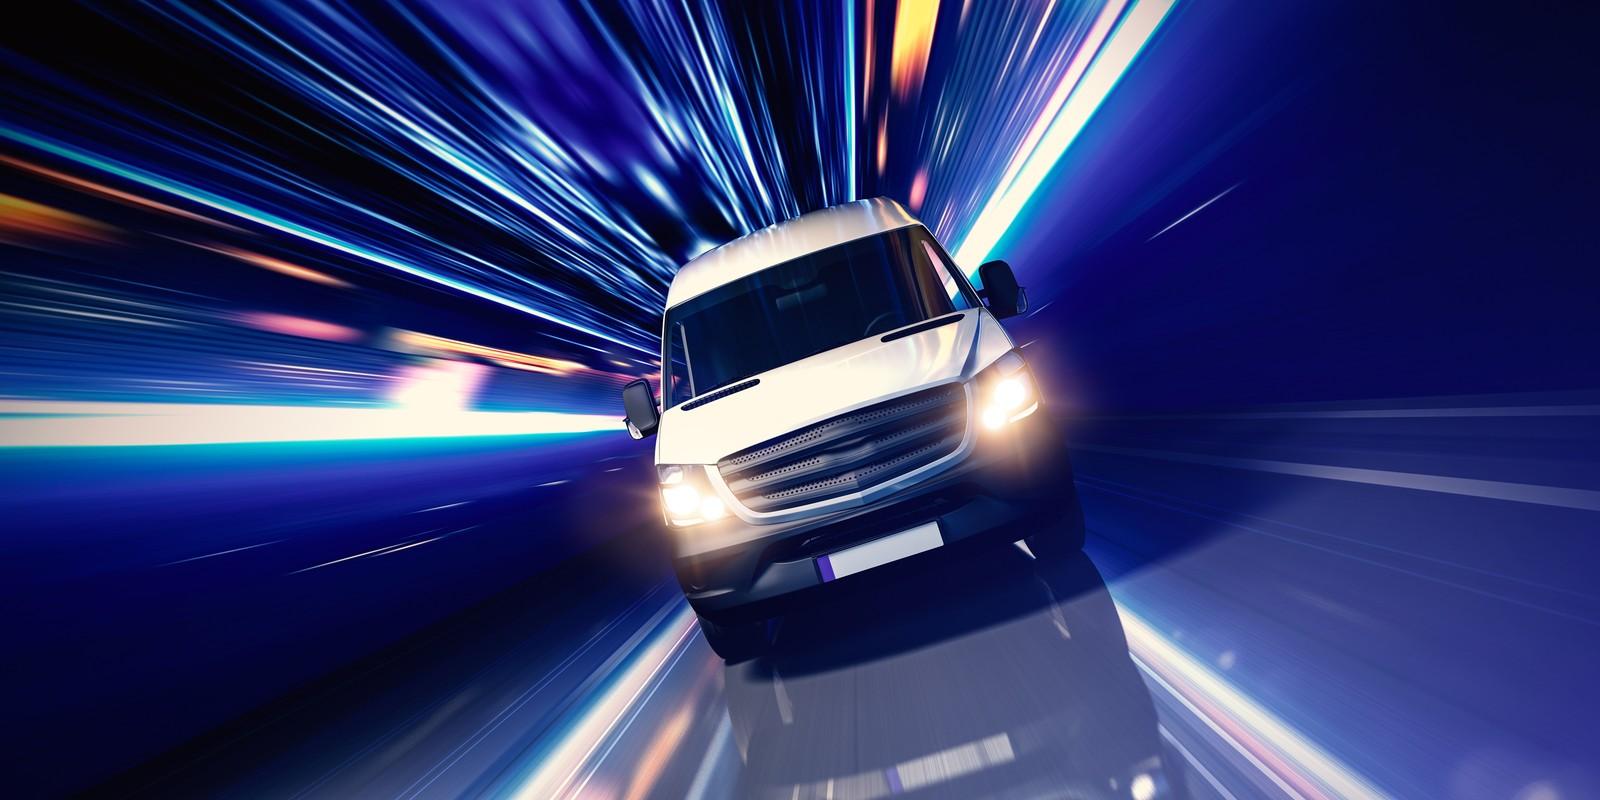 Für Handwerker, die ihr Fahrzeug auf einer jetzt veröffentlichenten Liste des Kraftfahrt-Bundesamtes finden, können unter Umständen für die Umrüstung eine staatliche Förderung in Anspruch nehmen.